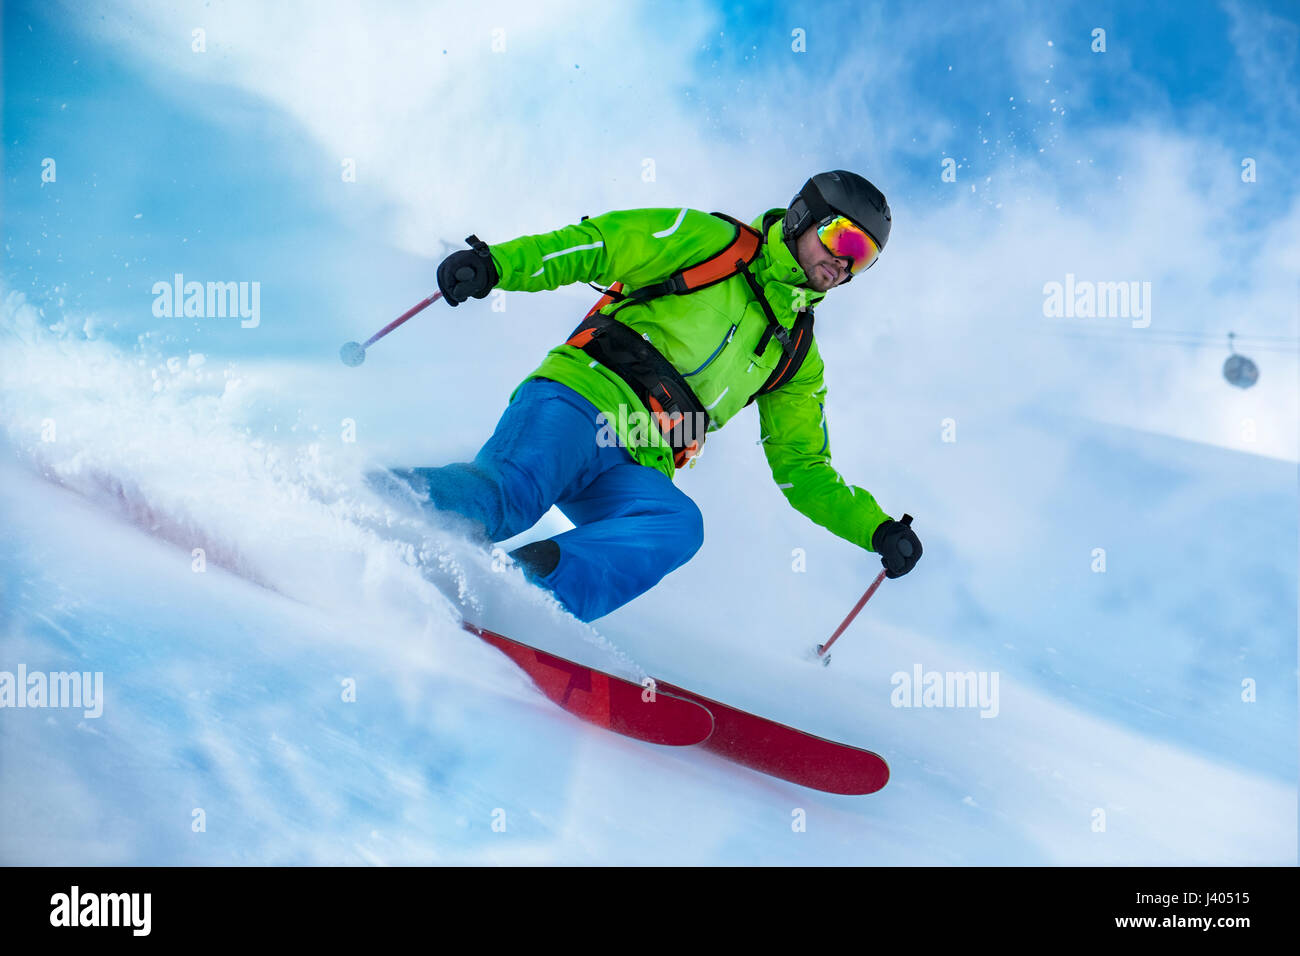 Markante Schuss von bunt bekleidet Freerider Ski Schnee-Welle. Stockfoto